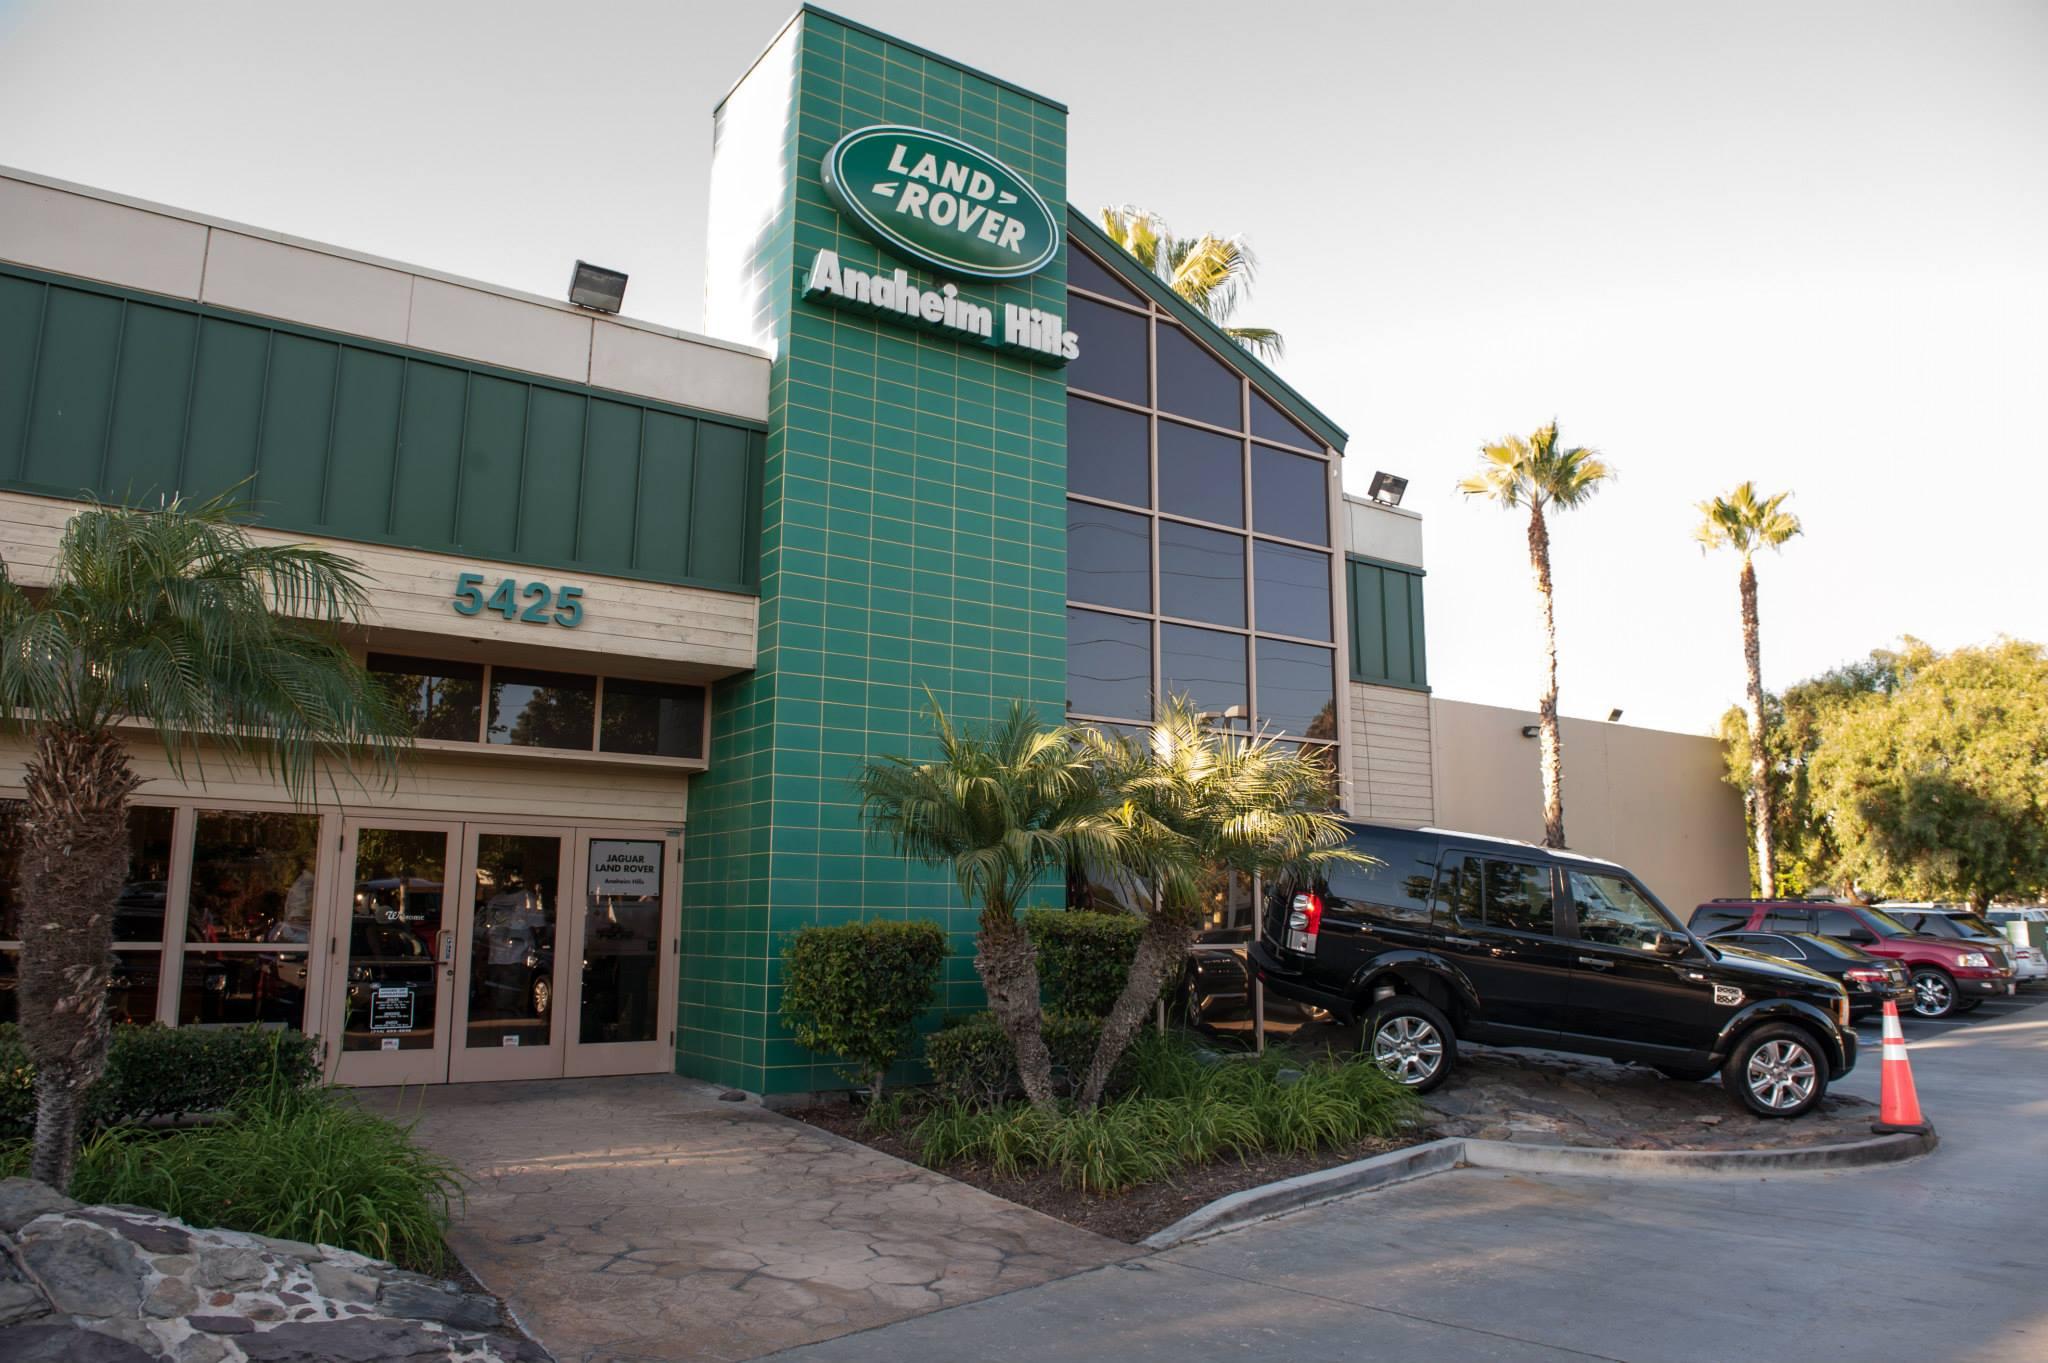 Jaguar Anaheim Hills >> Jaguar Land Rover Anaheim Hills Finance Manager Angie